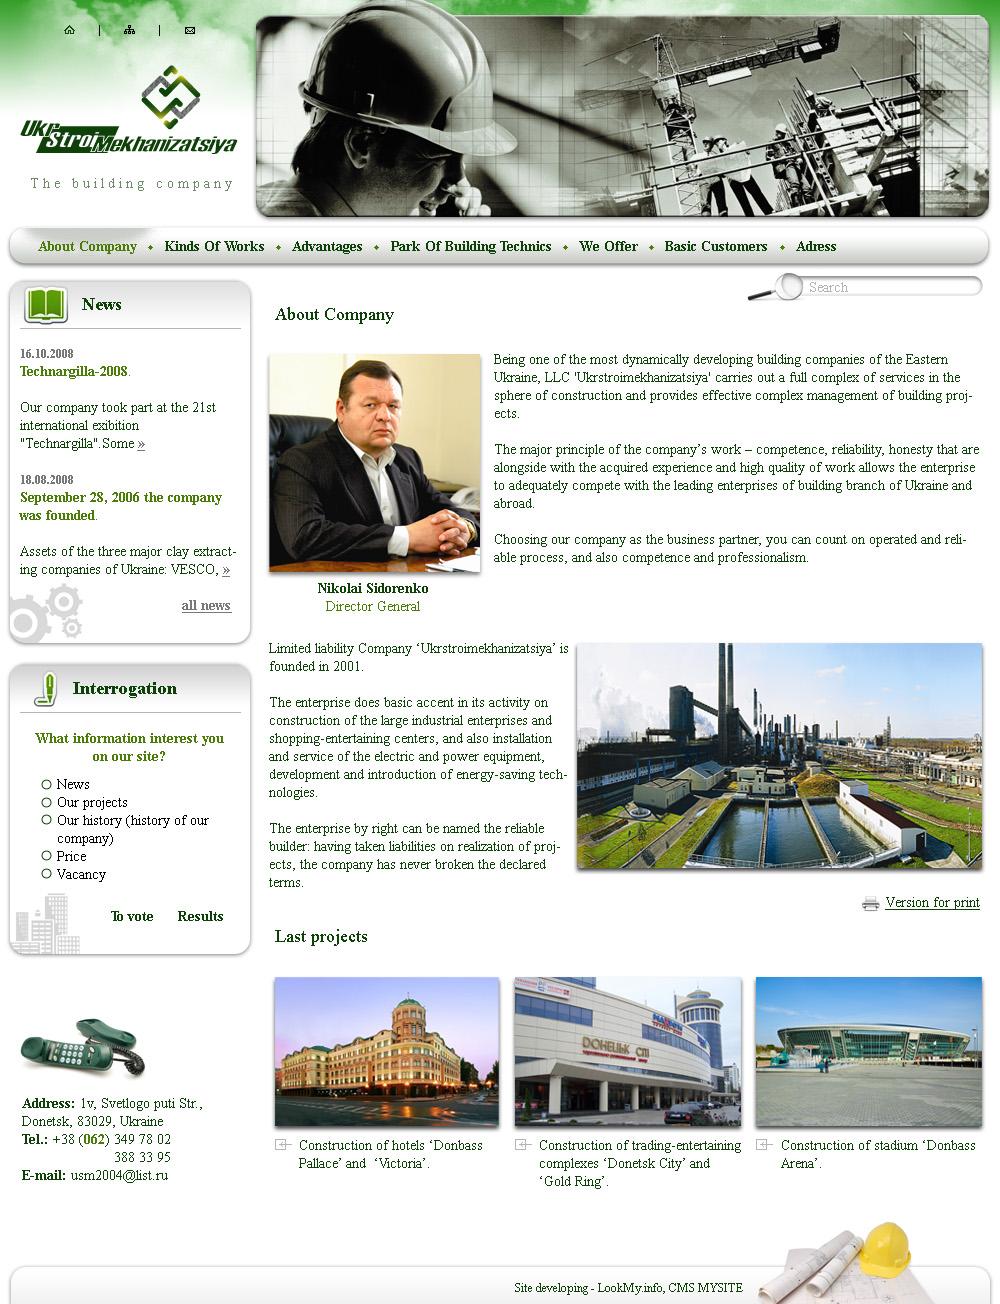 Создание и разработка сайта Донецк - ООО Укрстроймеханизация, строительная компания